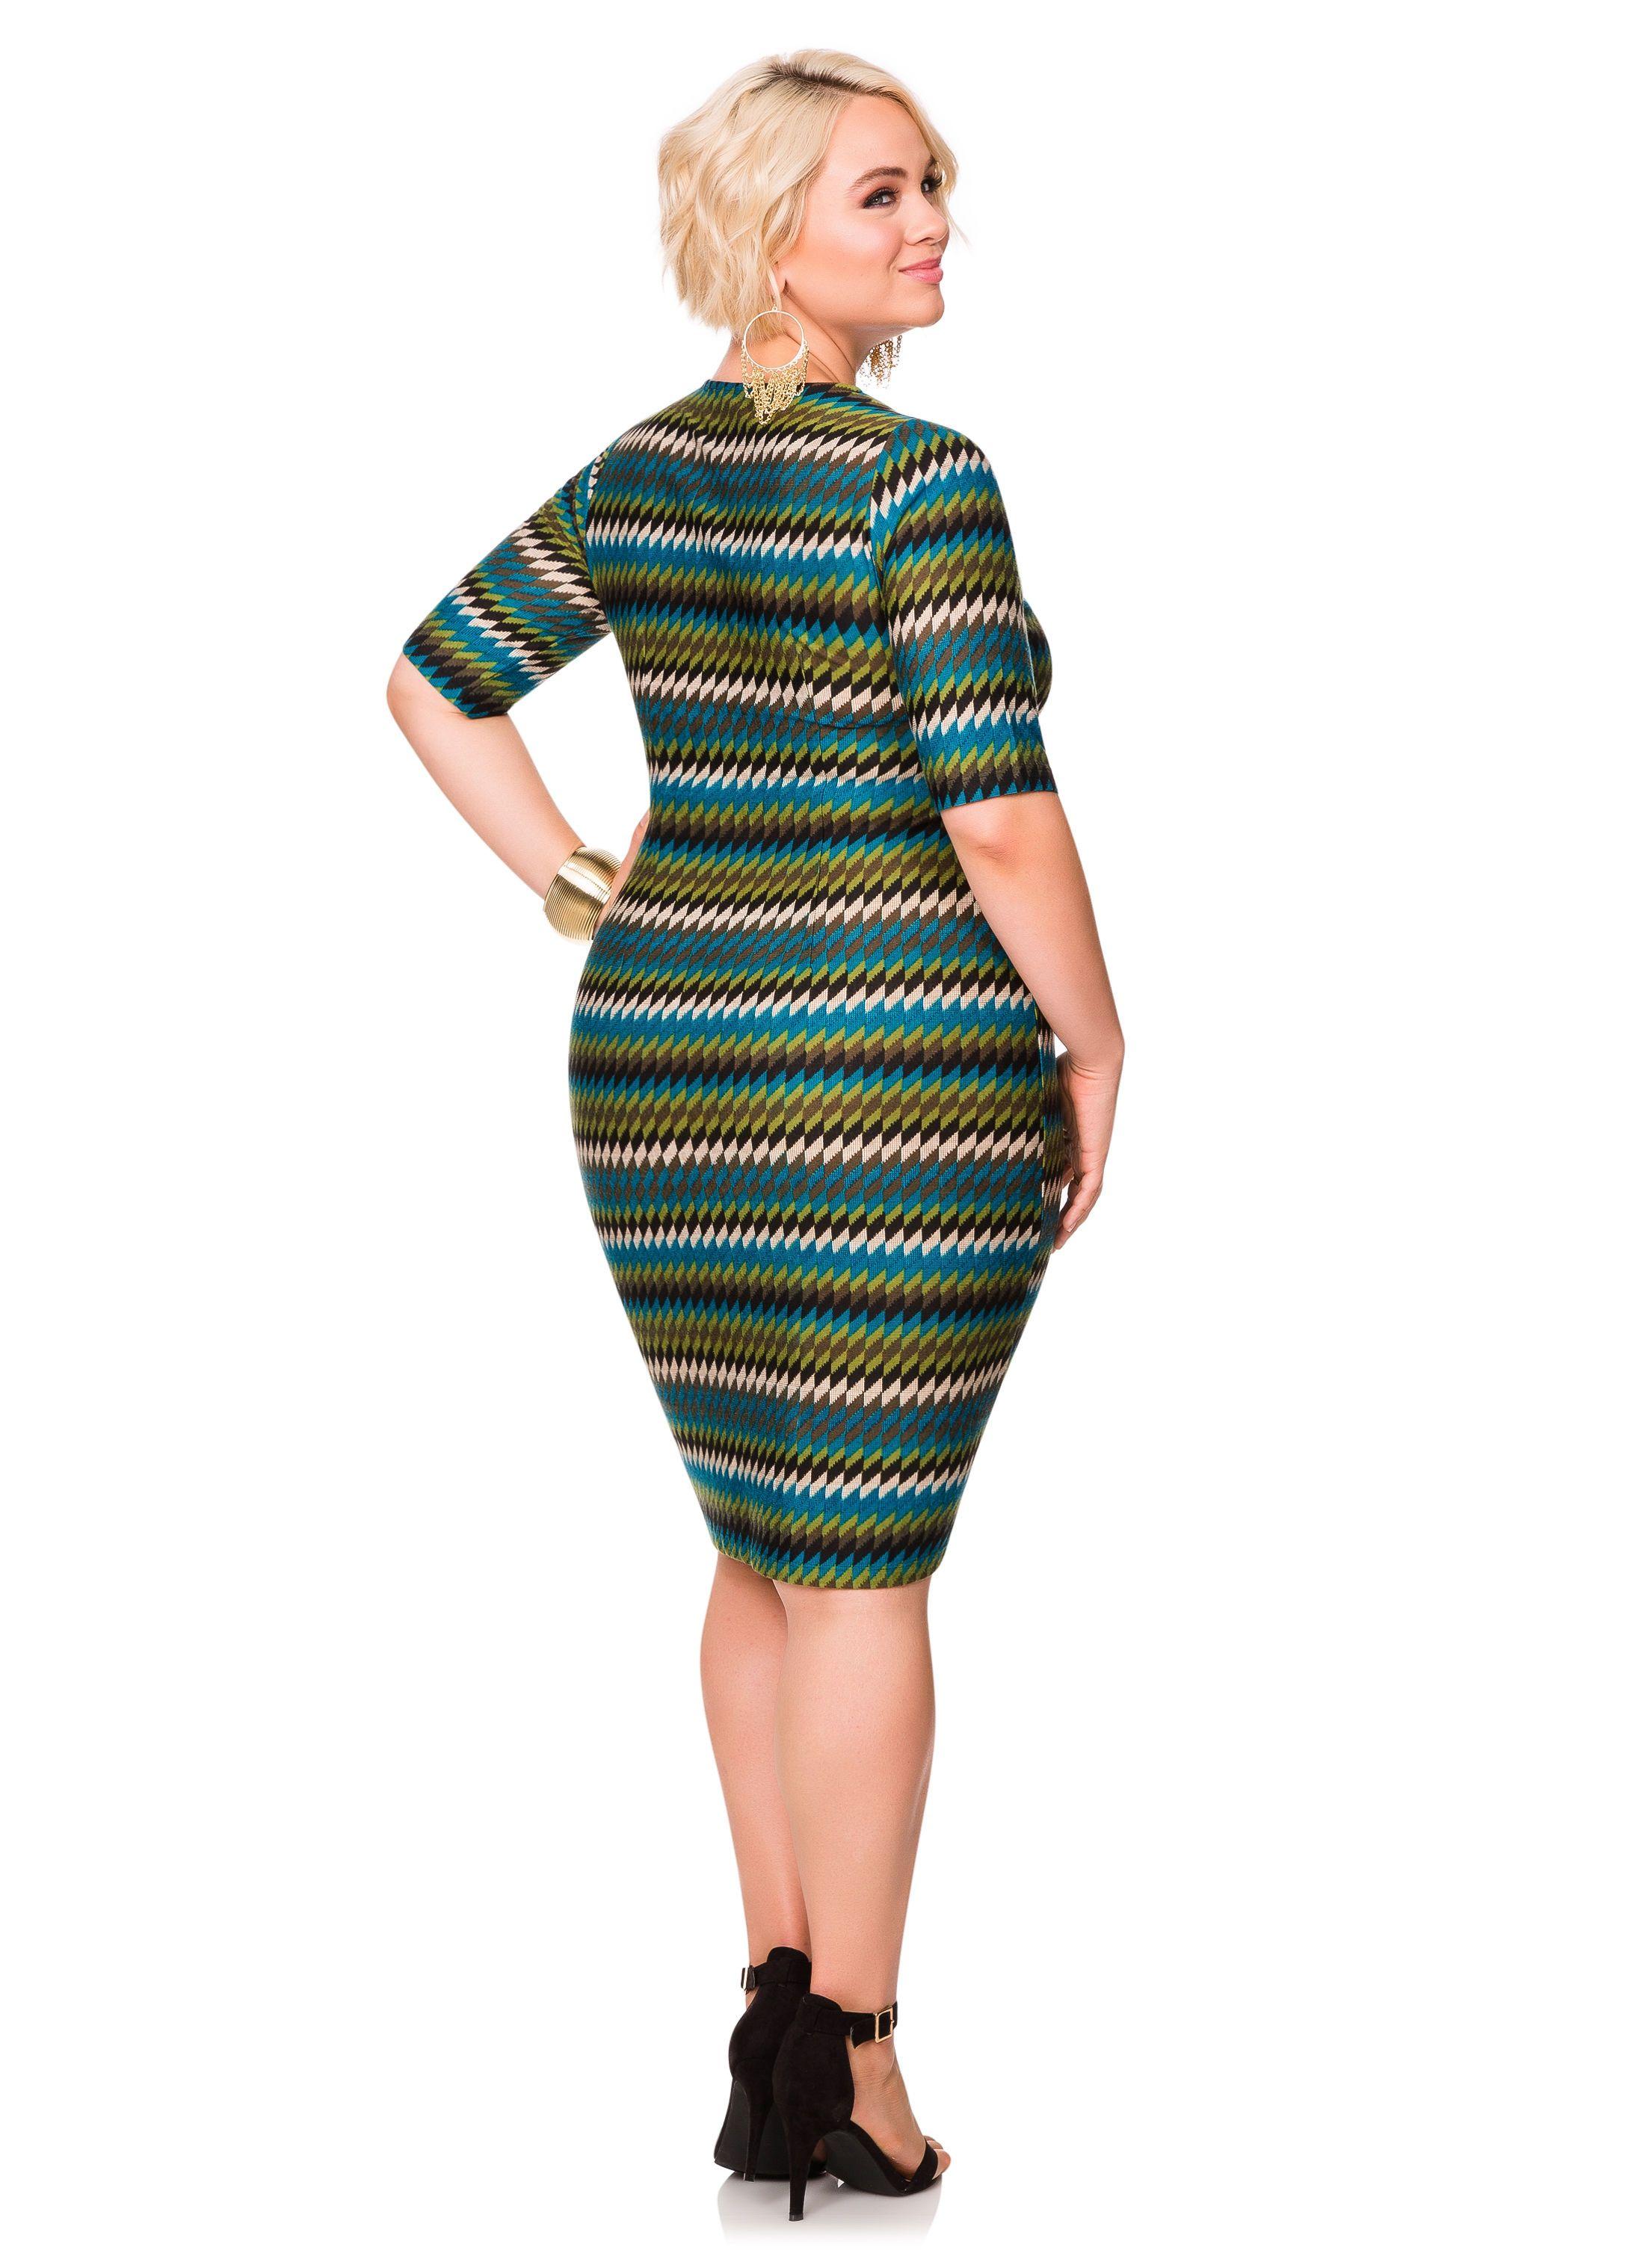 403e2eadc2 Cowl Neck Zip Detail Sweater Dress - Ashley Stewart